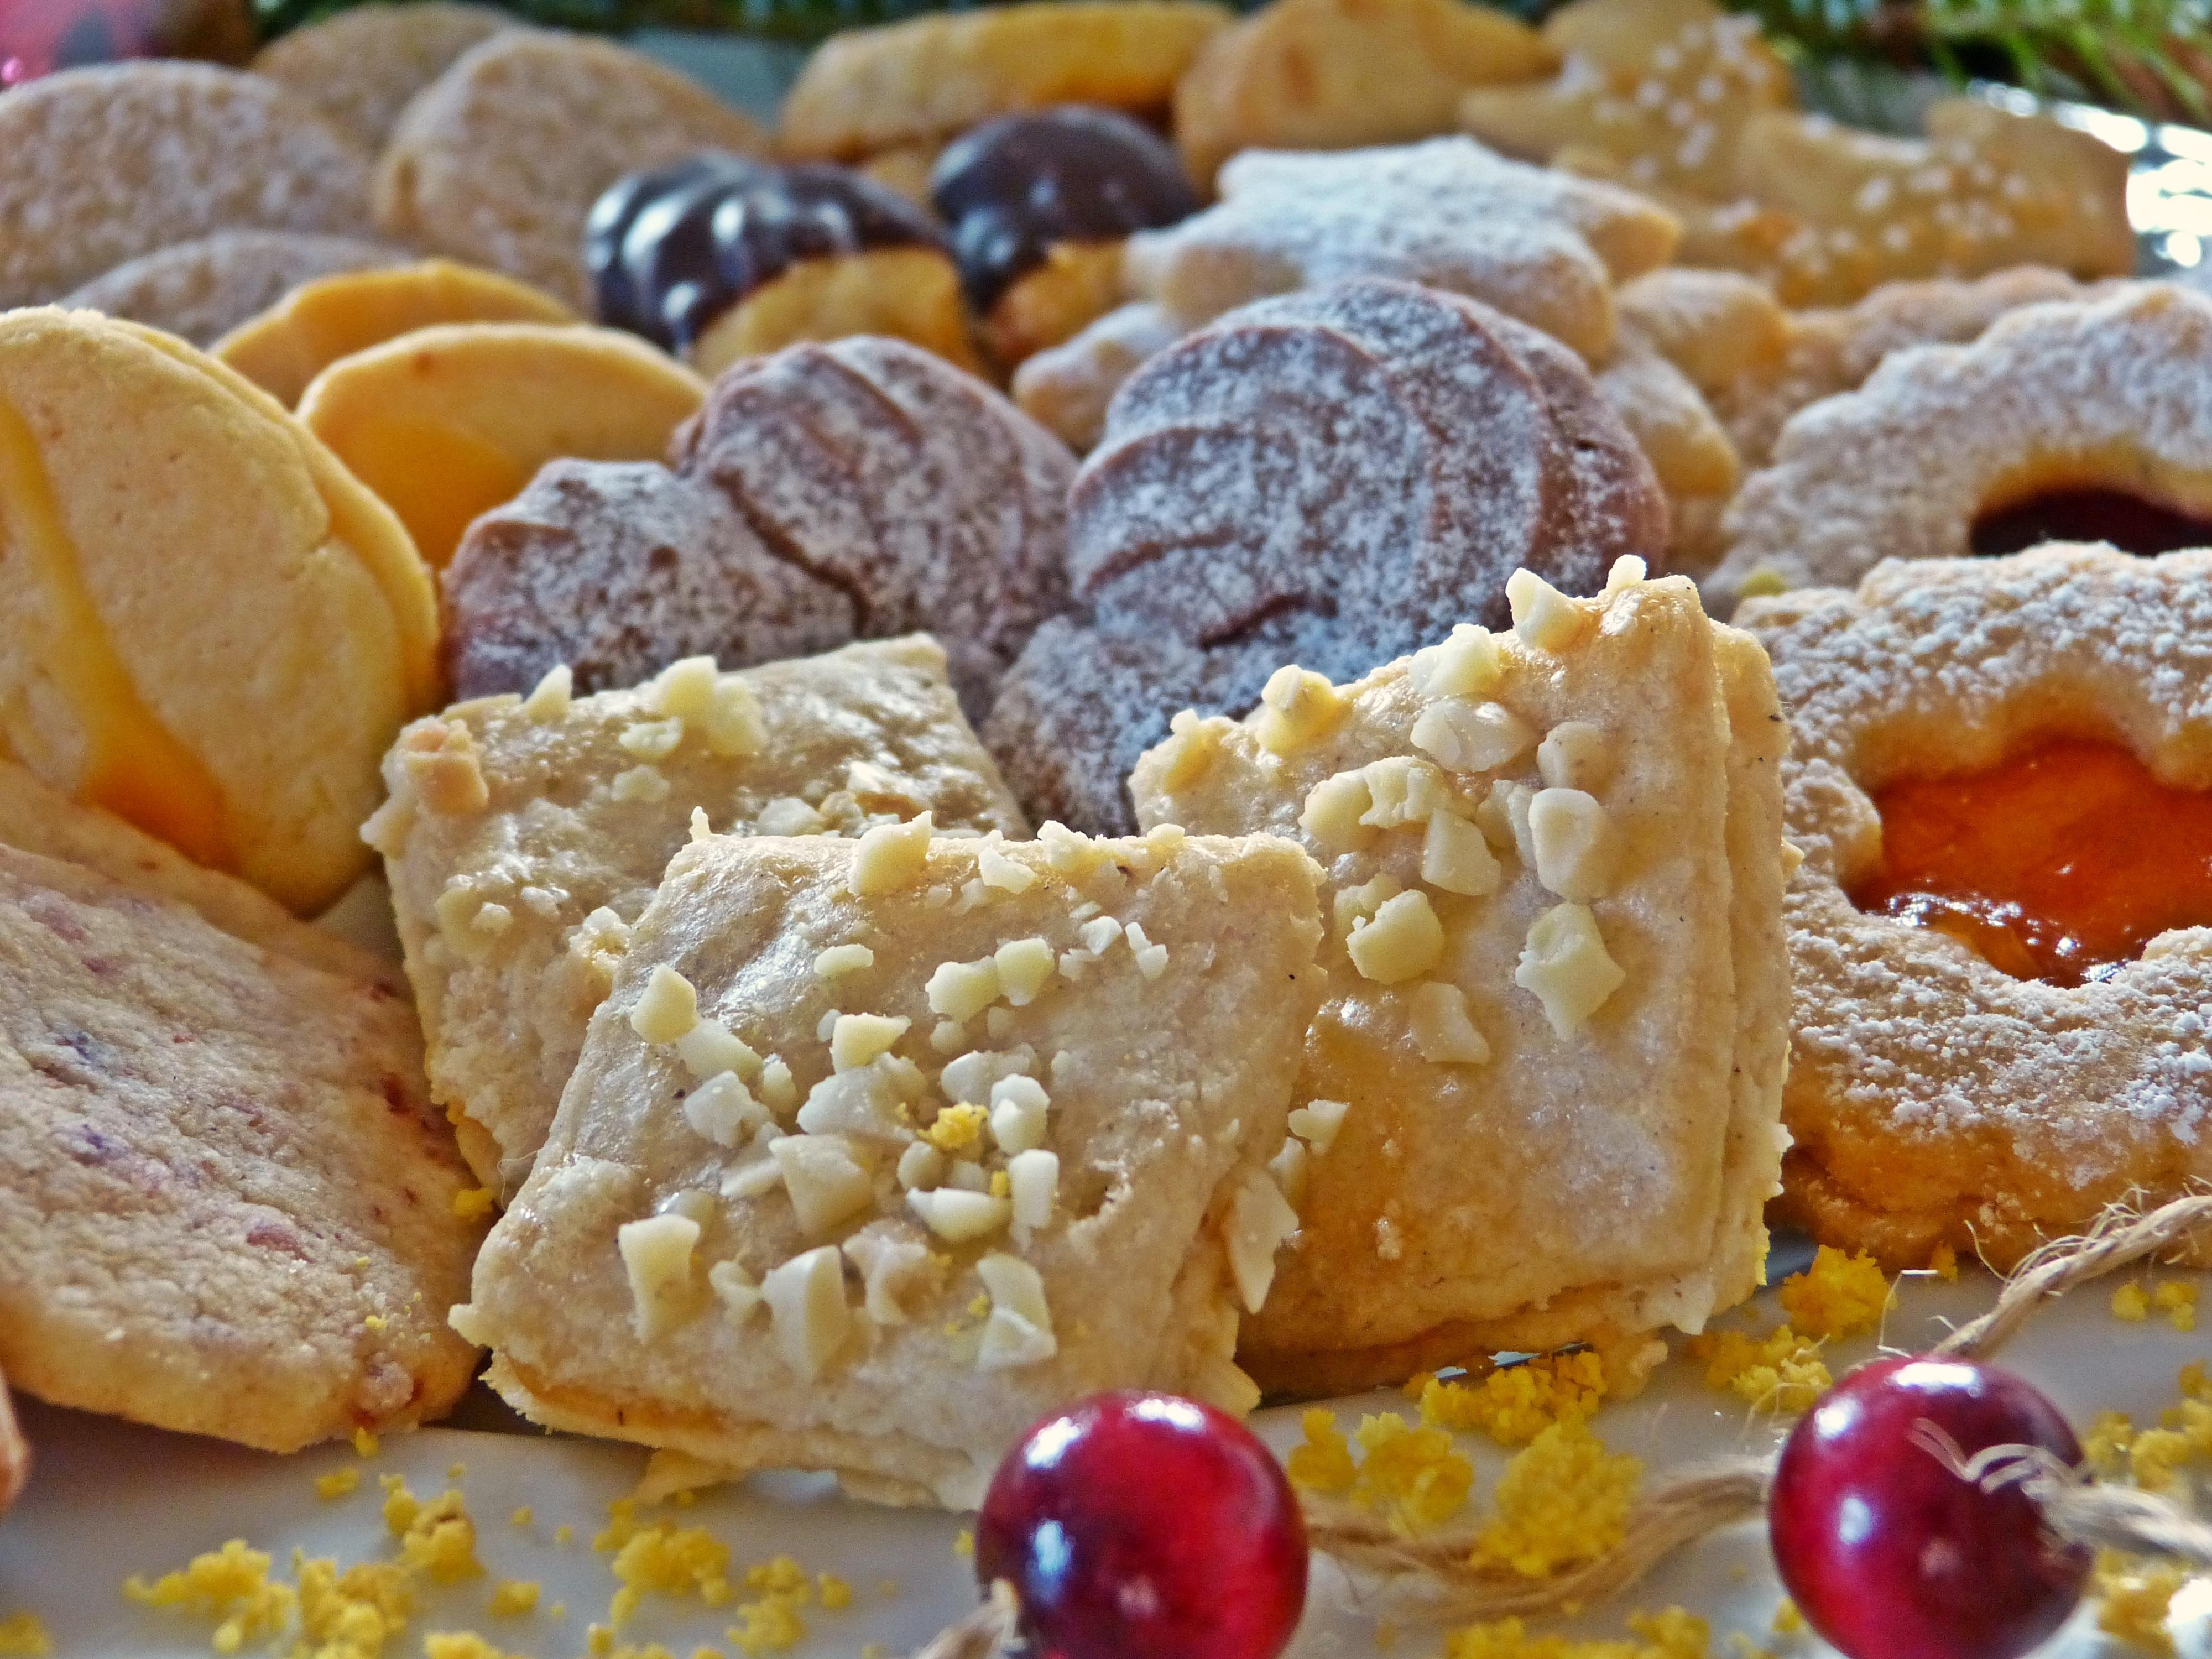 fotos gratis plato comida produce horneando galleta postre cocina pasteles adviento galletas de navidad incluso horneado dulzura pastelera